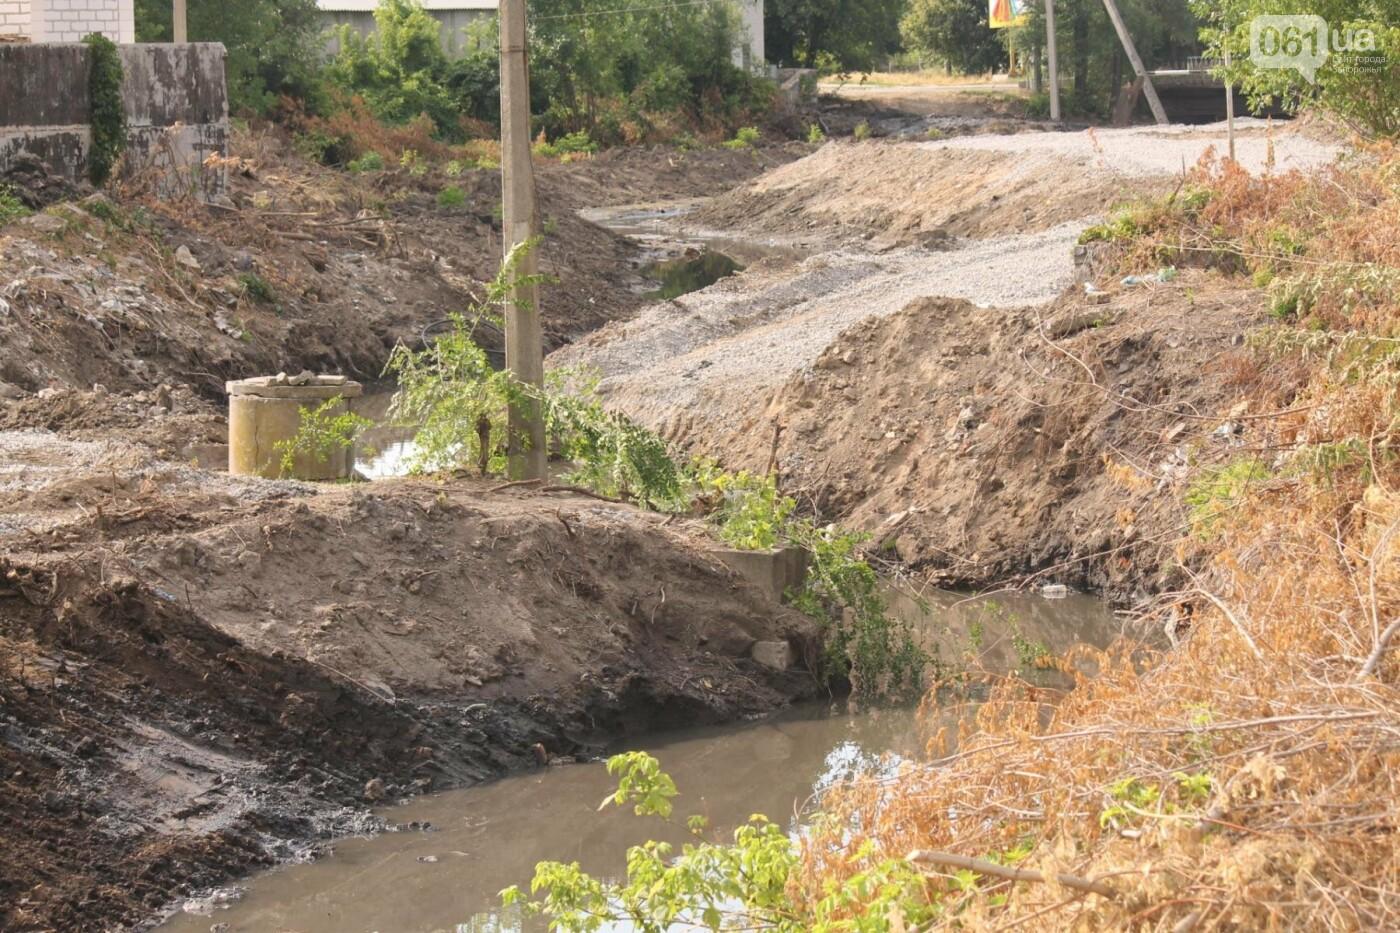 В Запорожье продолжается многомиллионная расчистка русла реки на Верхней Хортице, – ФОТОРЕПОРТАЖ, фото-6